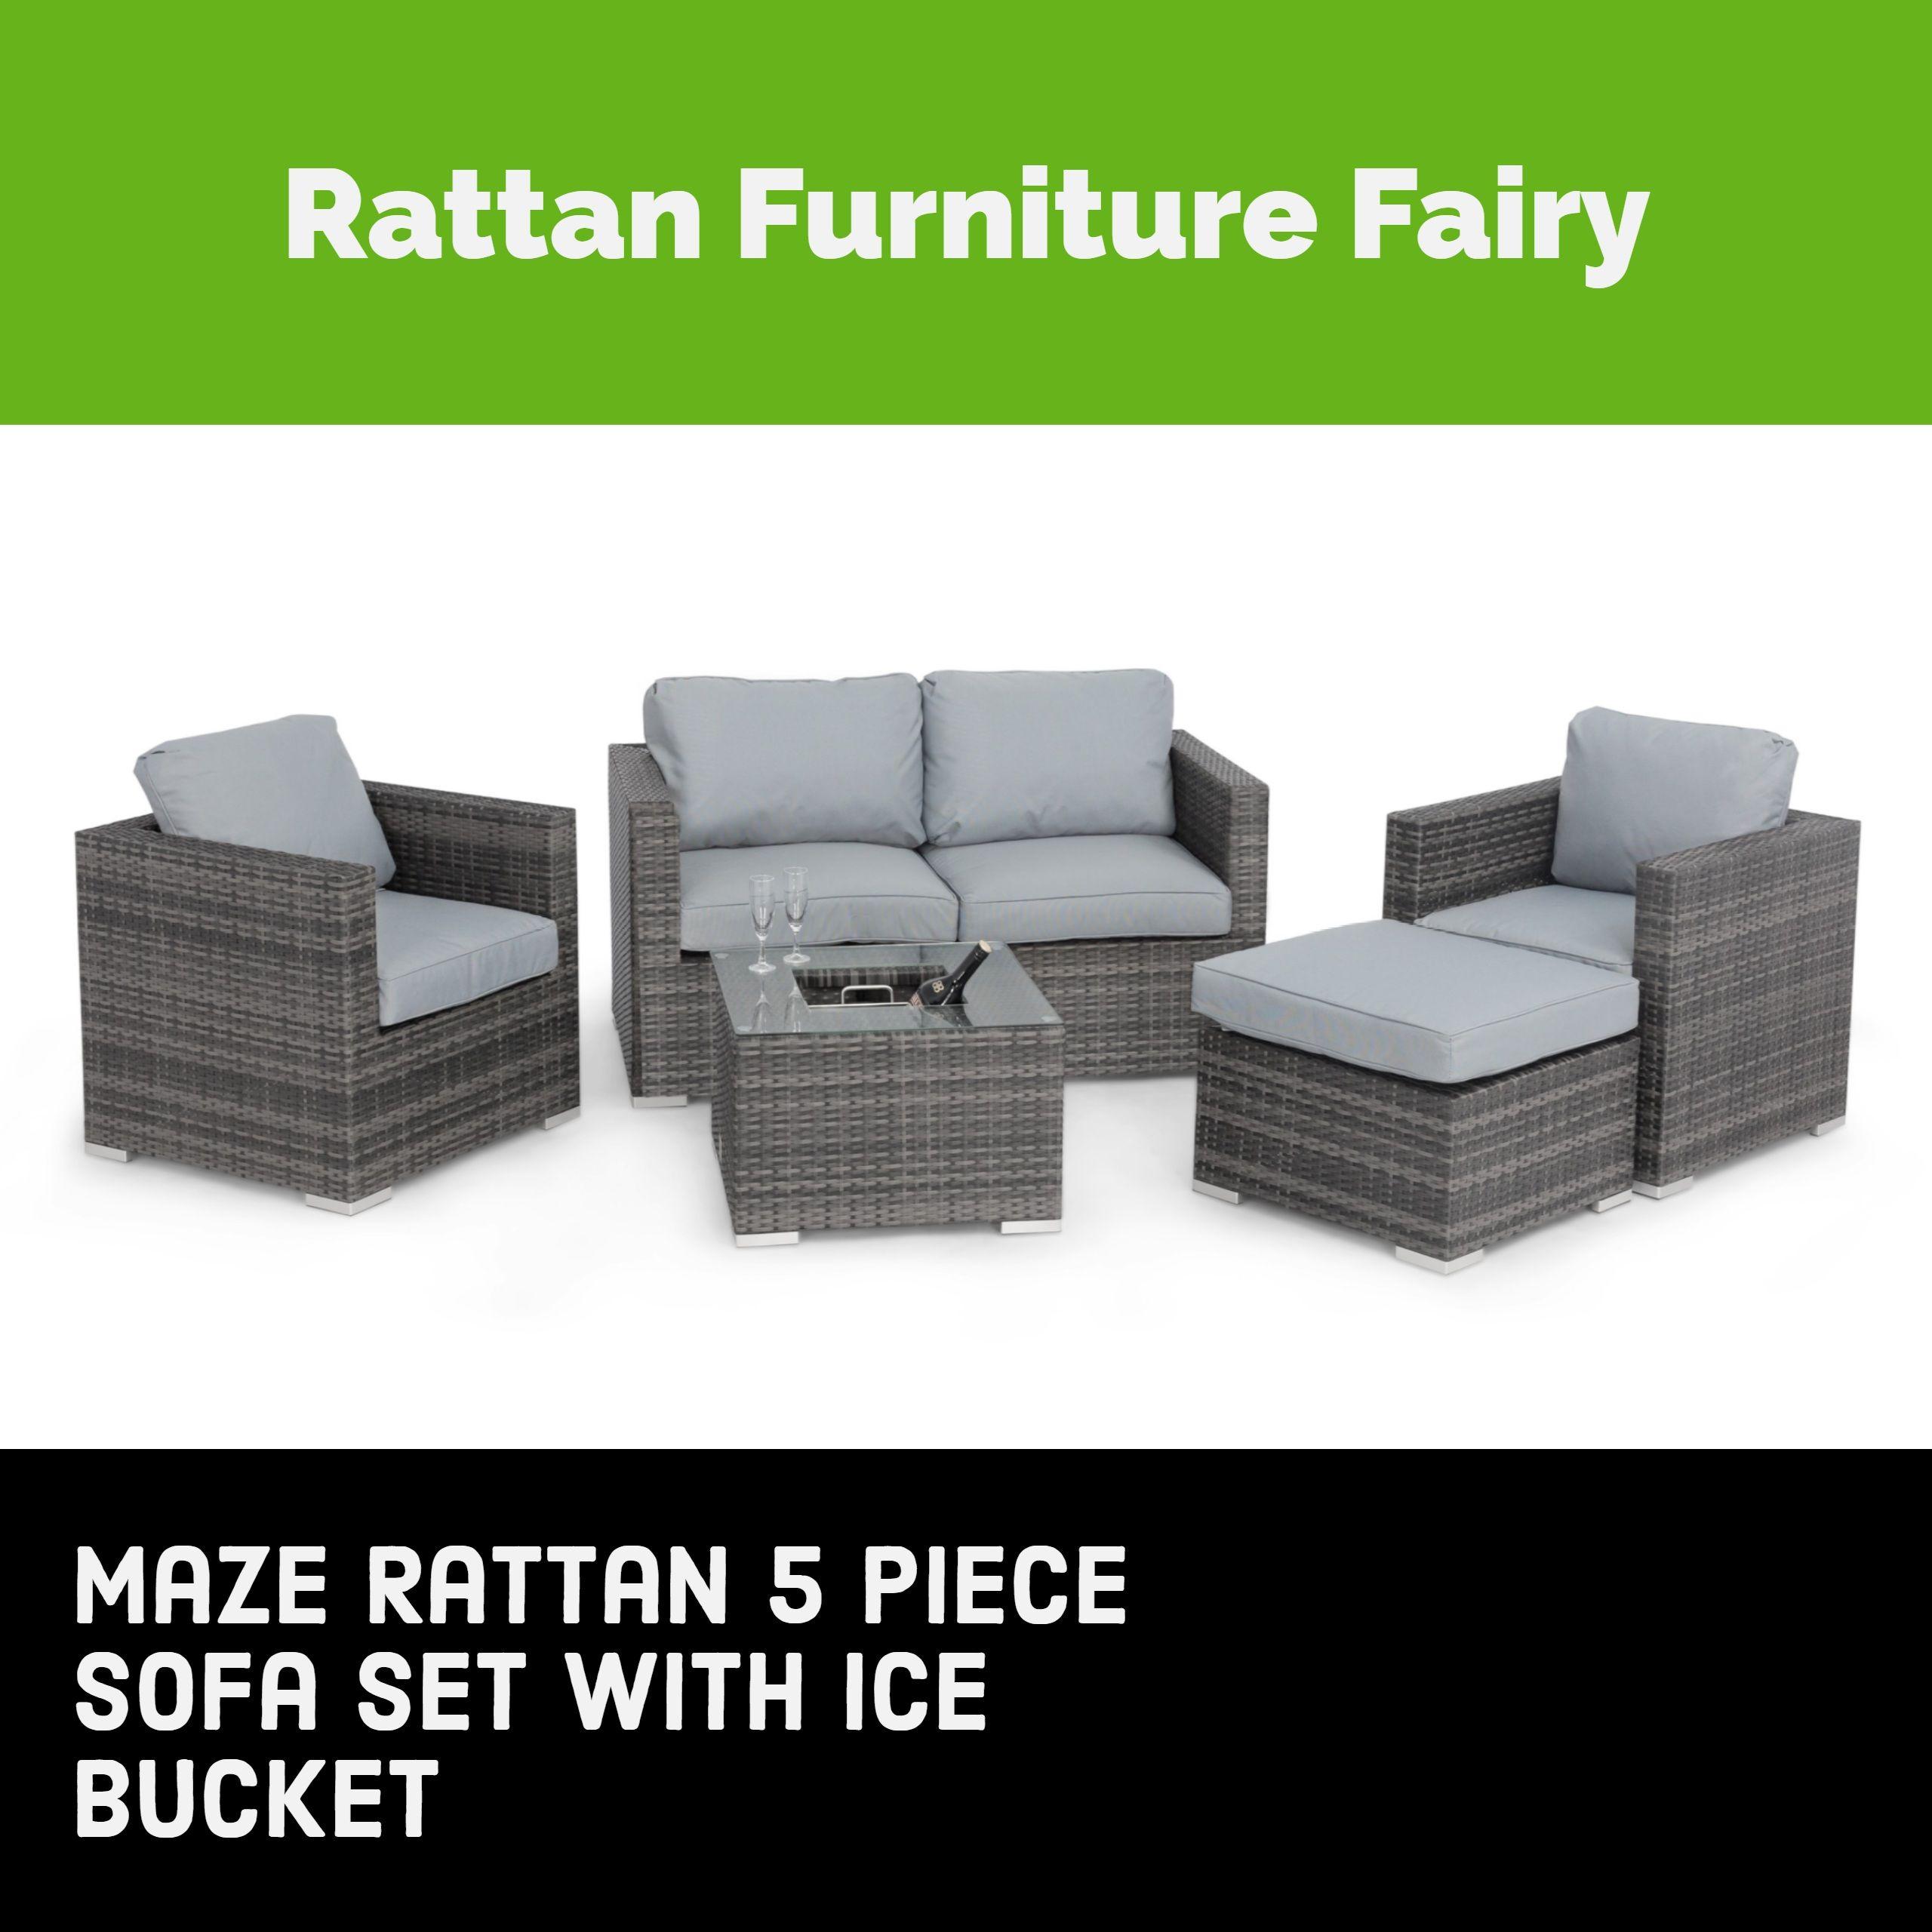 Maze Rattan 5 Piece Sofa Set with Ice Bucket